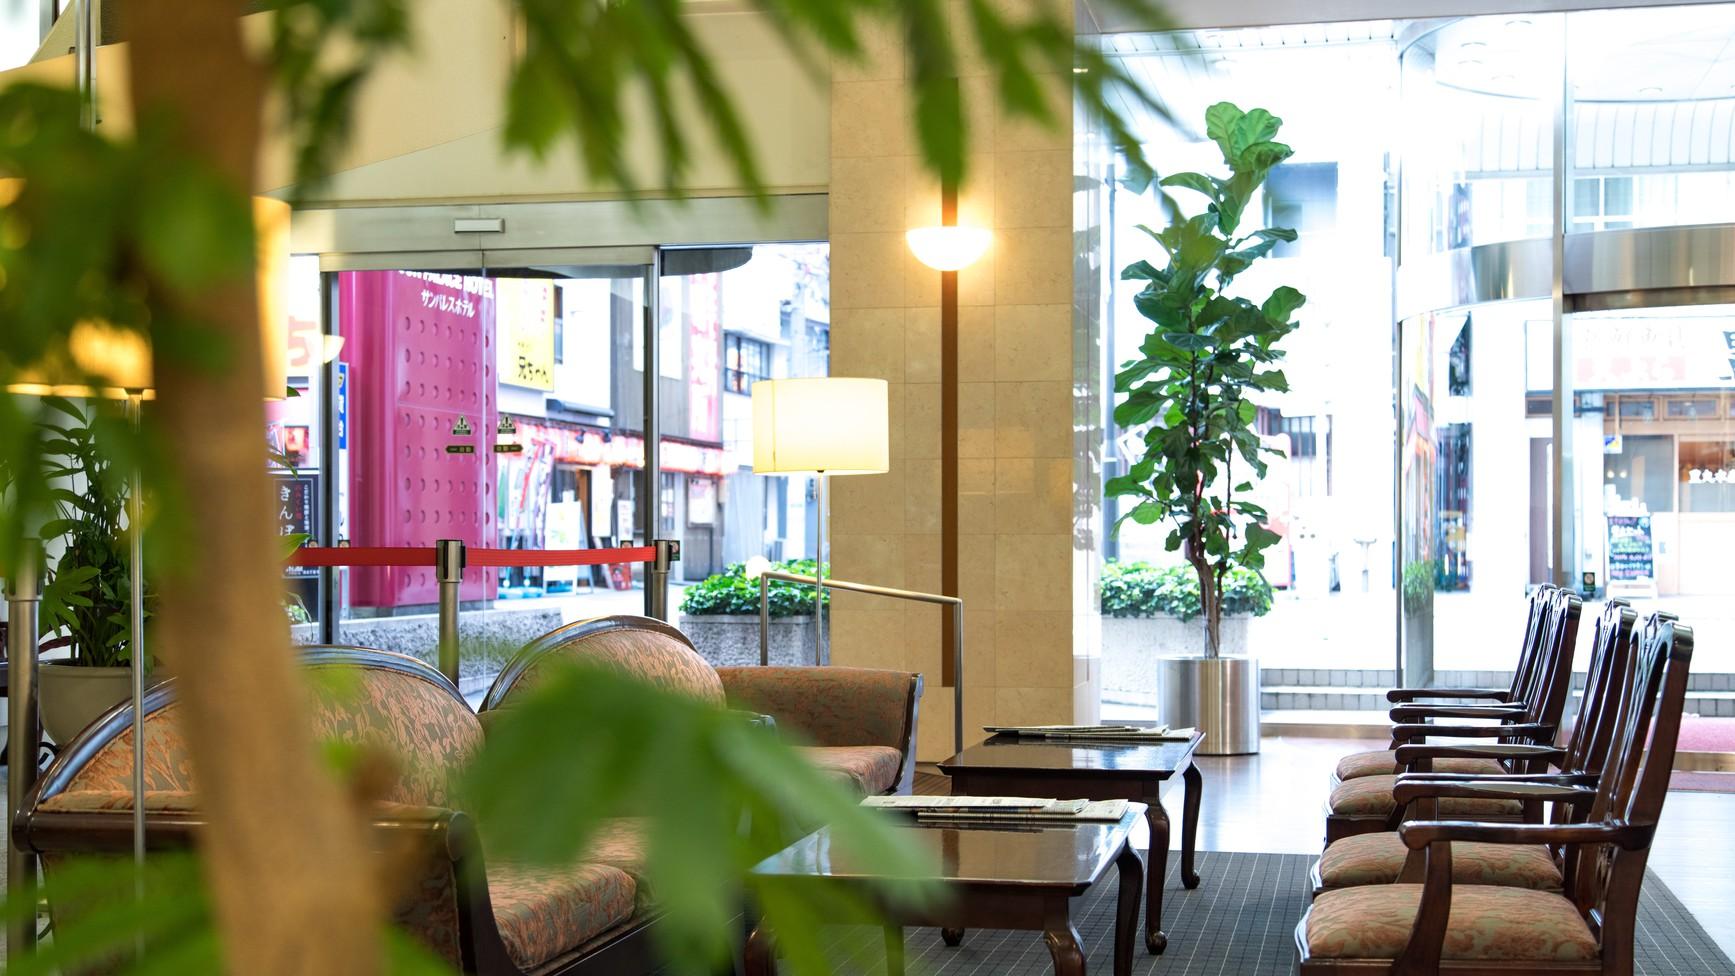 サンパレスホテル 関連画像 2枚目 楽天トラベル提供